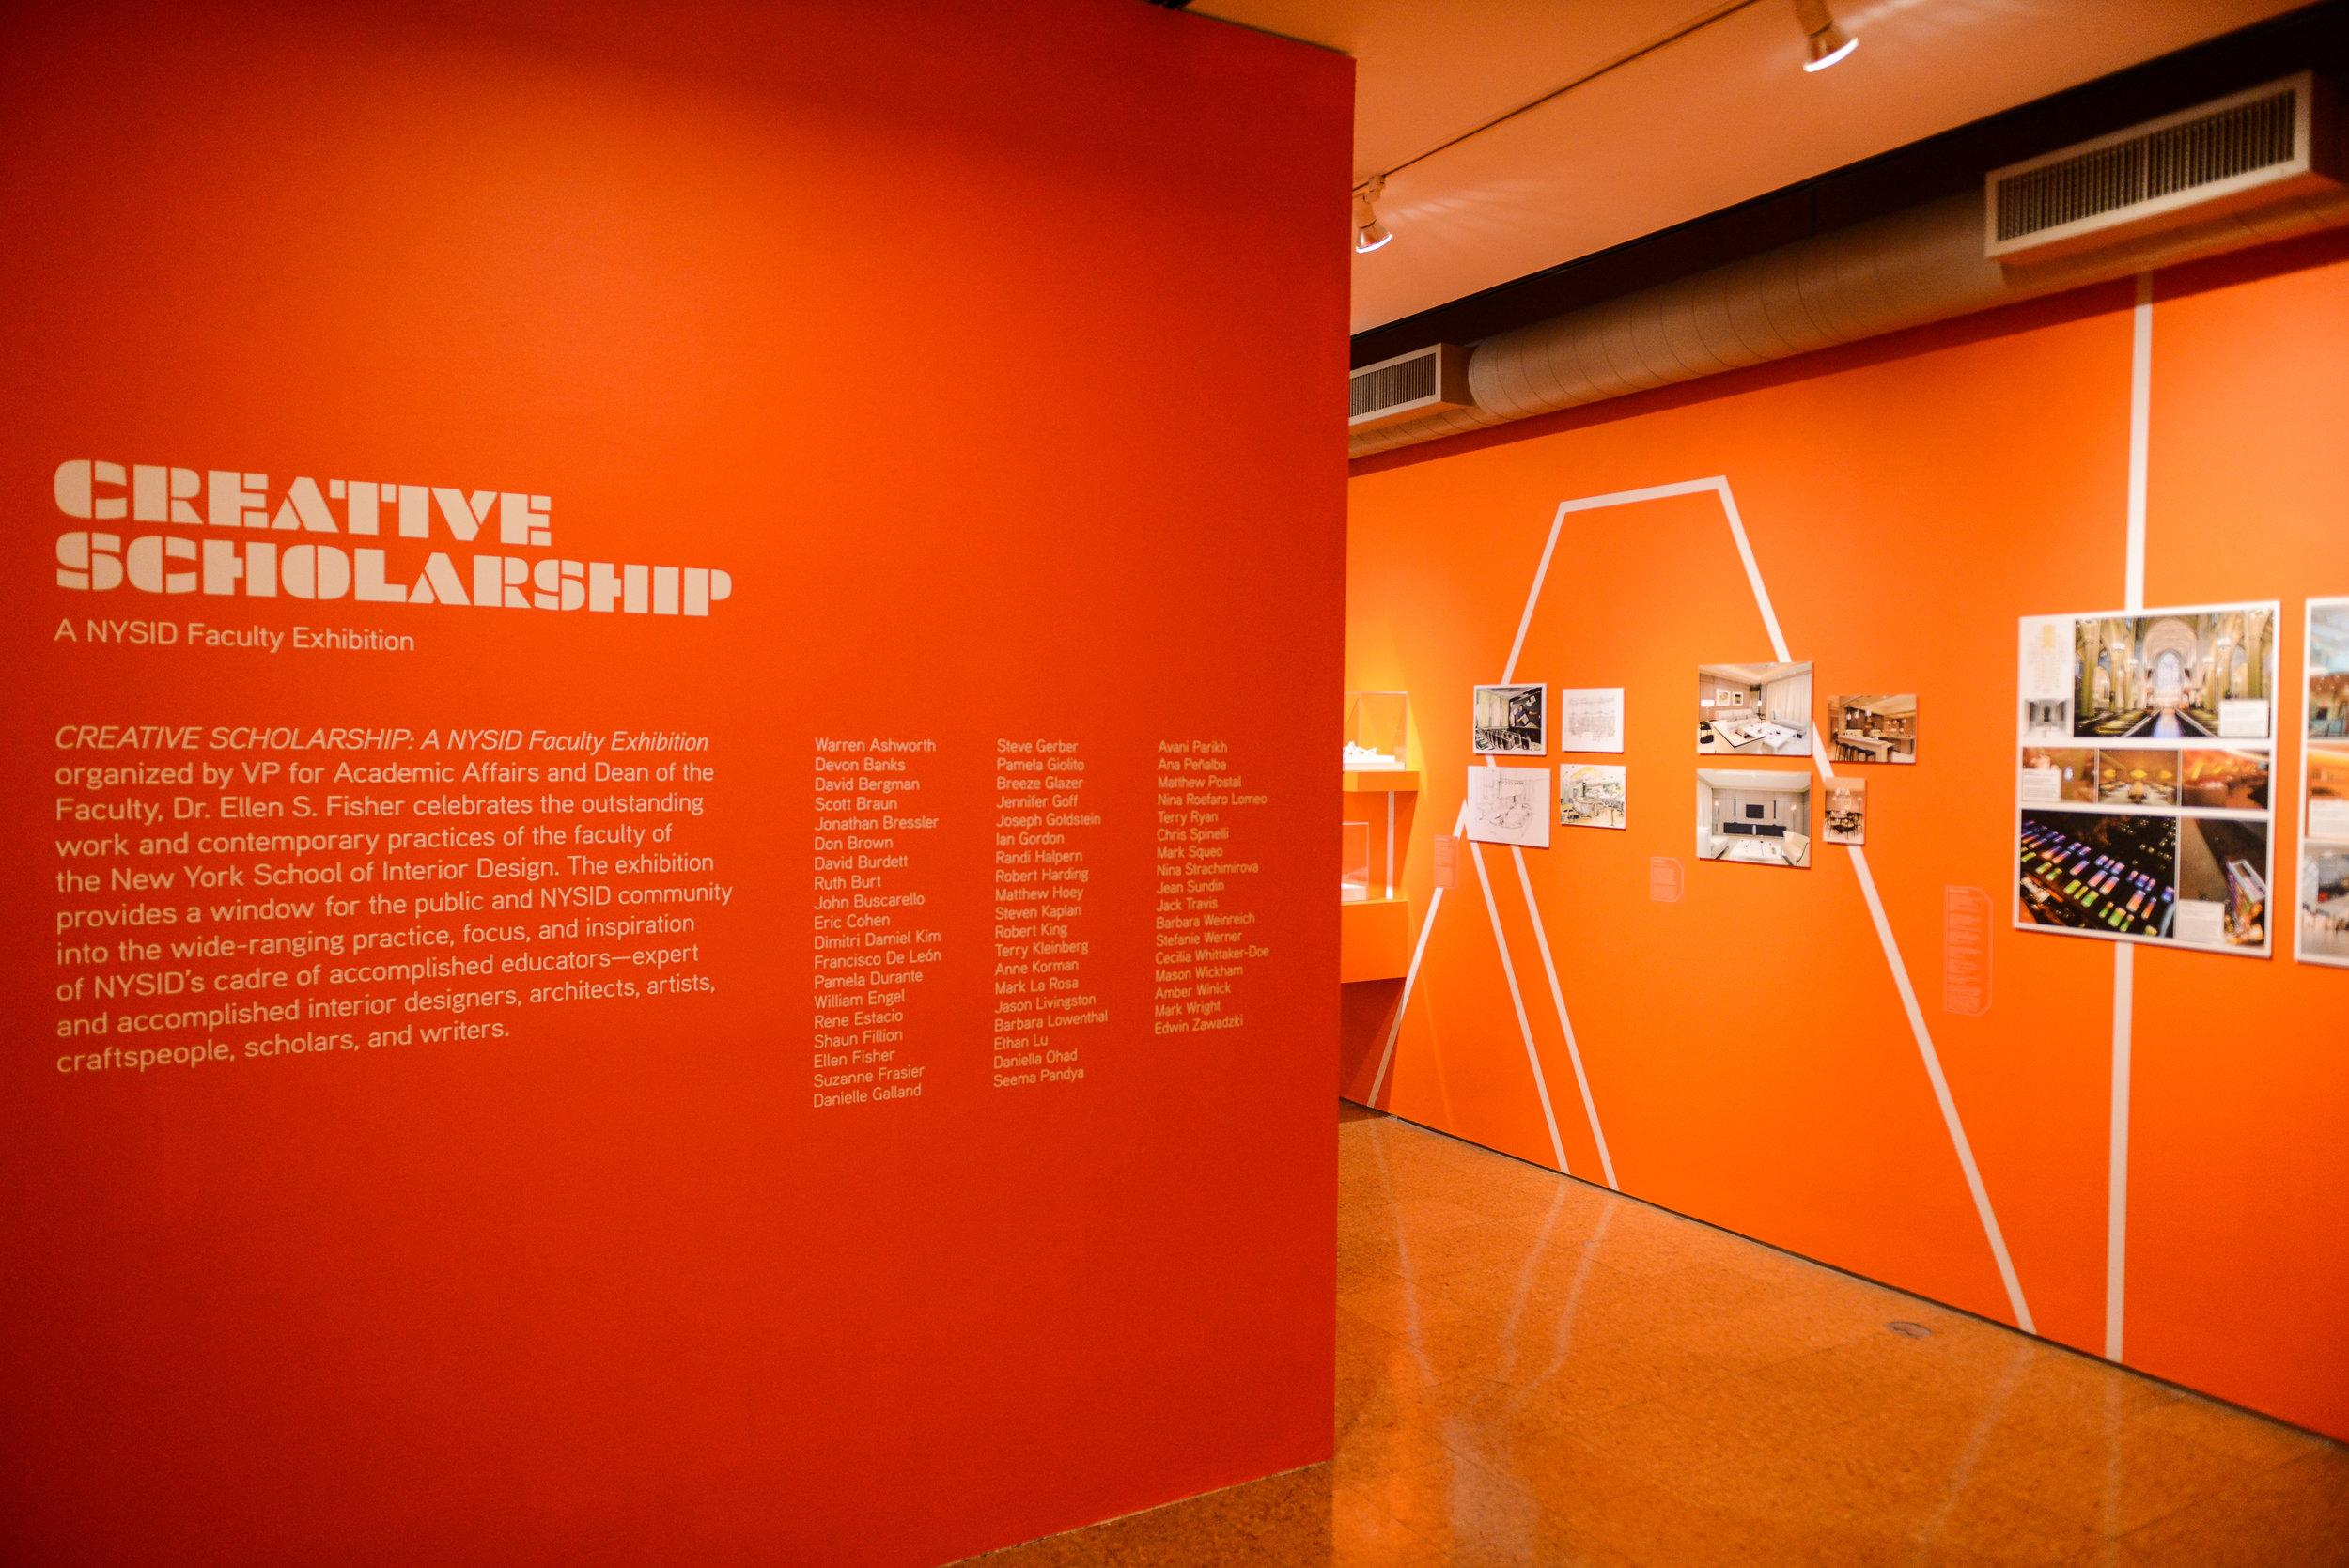 creative-scholarship-a-nysid-faculty-exhibition_36804083854_o[1].jpg